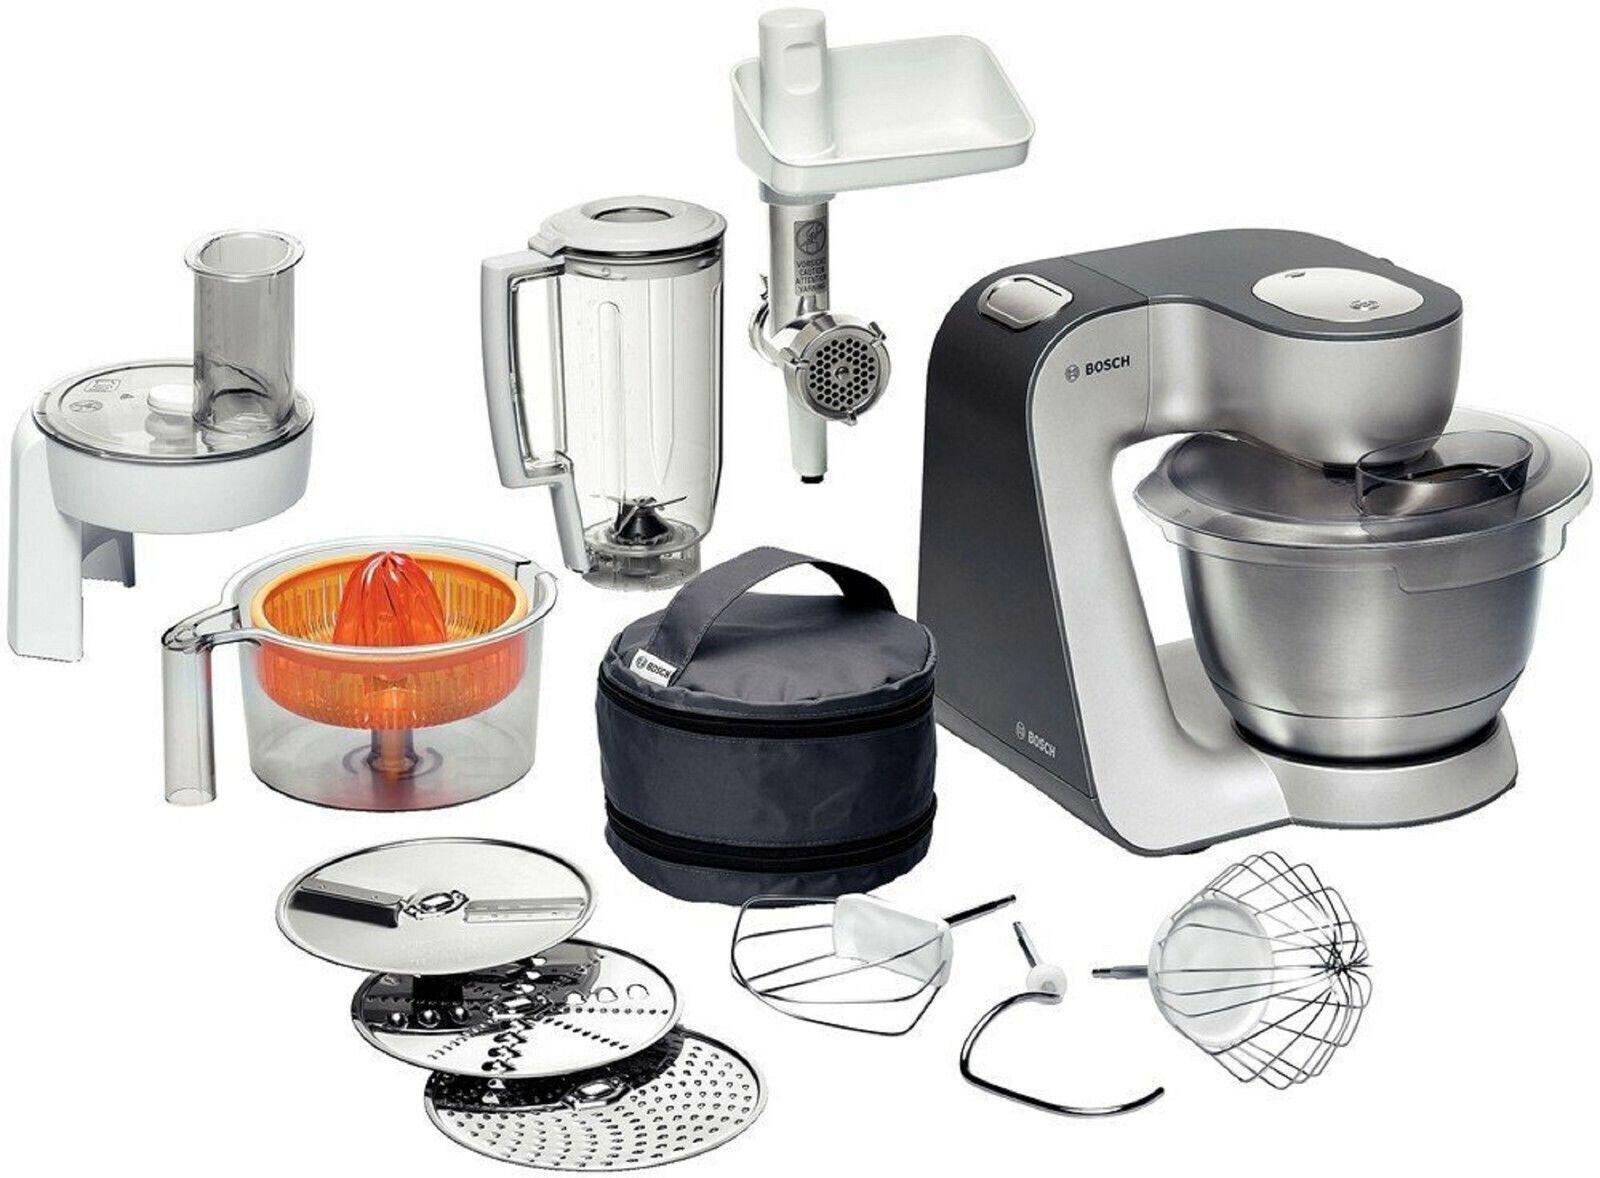 Bosch MUM56340 Styline 900W Küchenmaschine - Silber